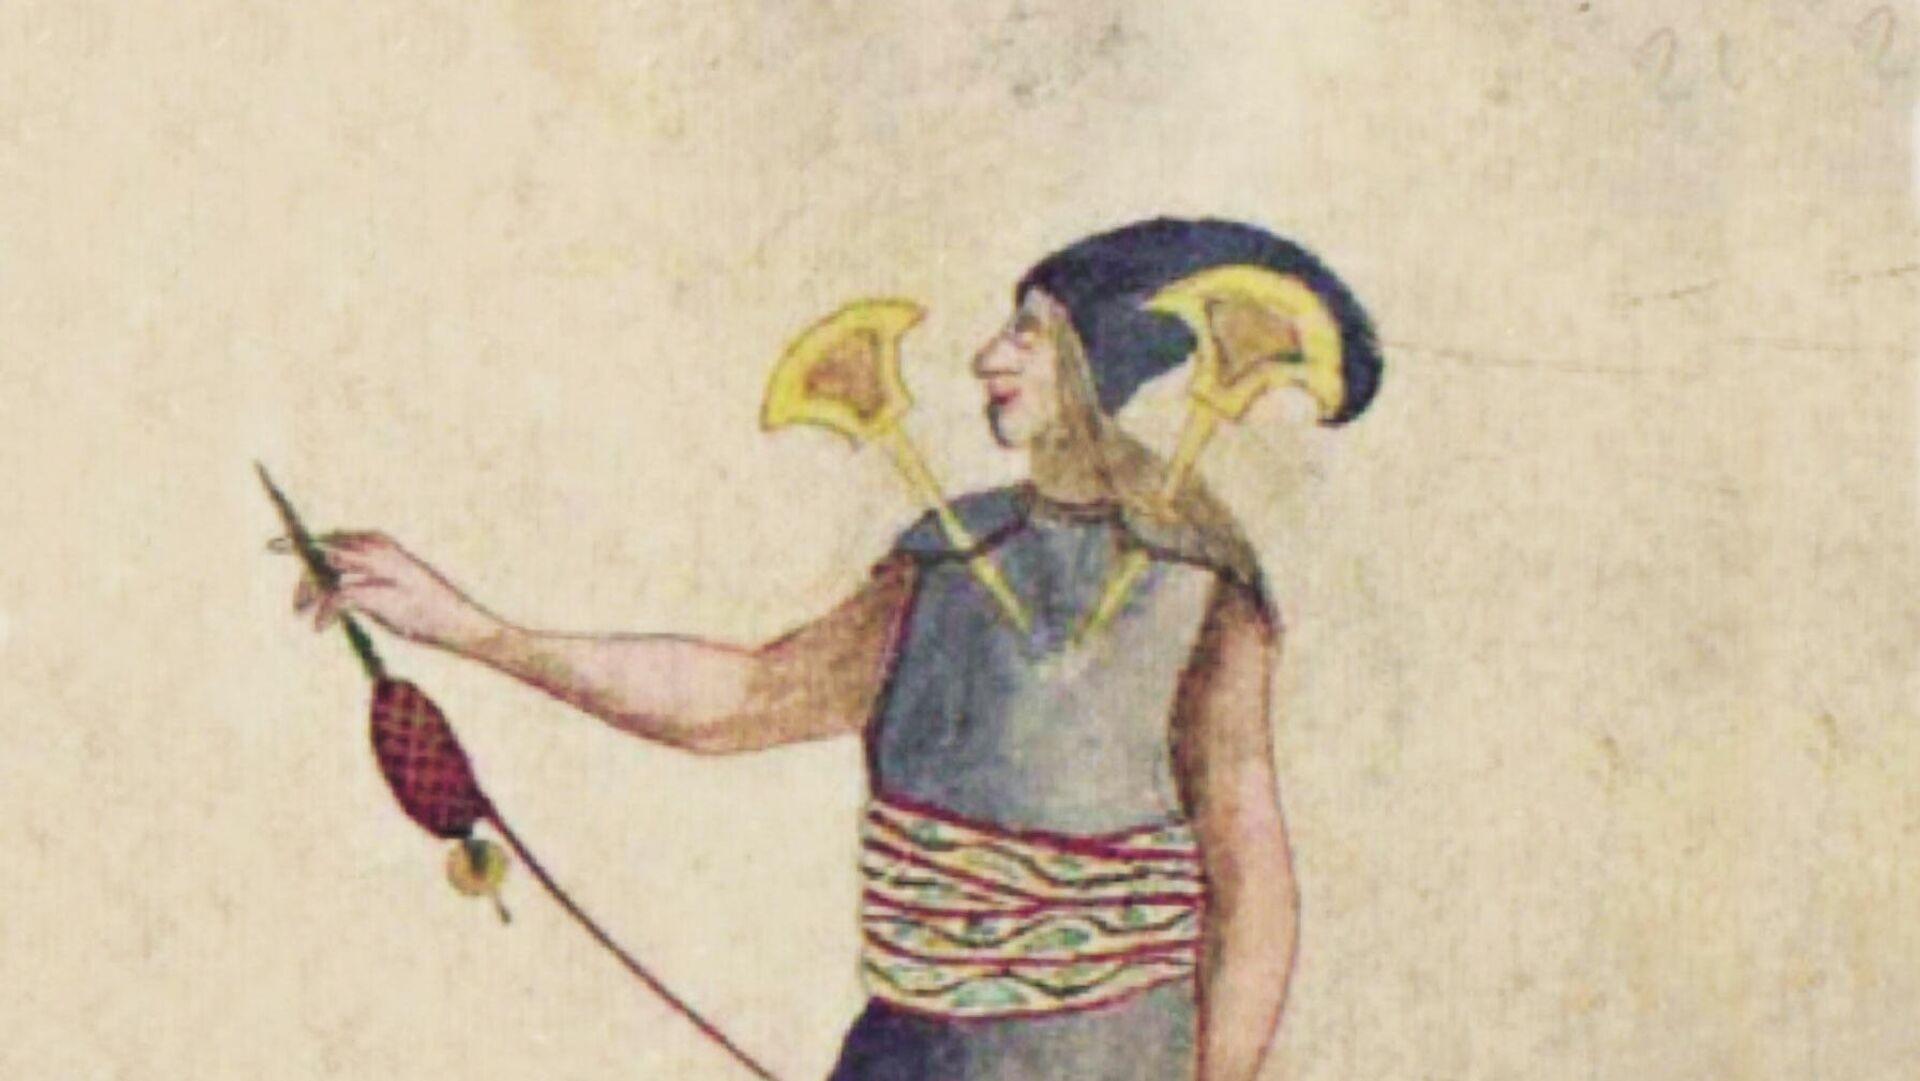 Vestimenta de las mujeres andinas antes de la llegada de los españoles - Sputnik Mundo, 1920, 13.07.2021